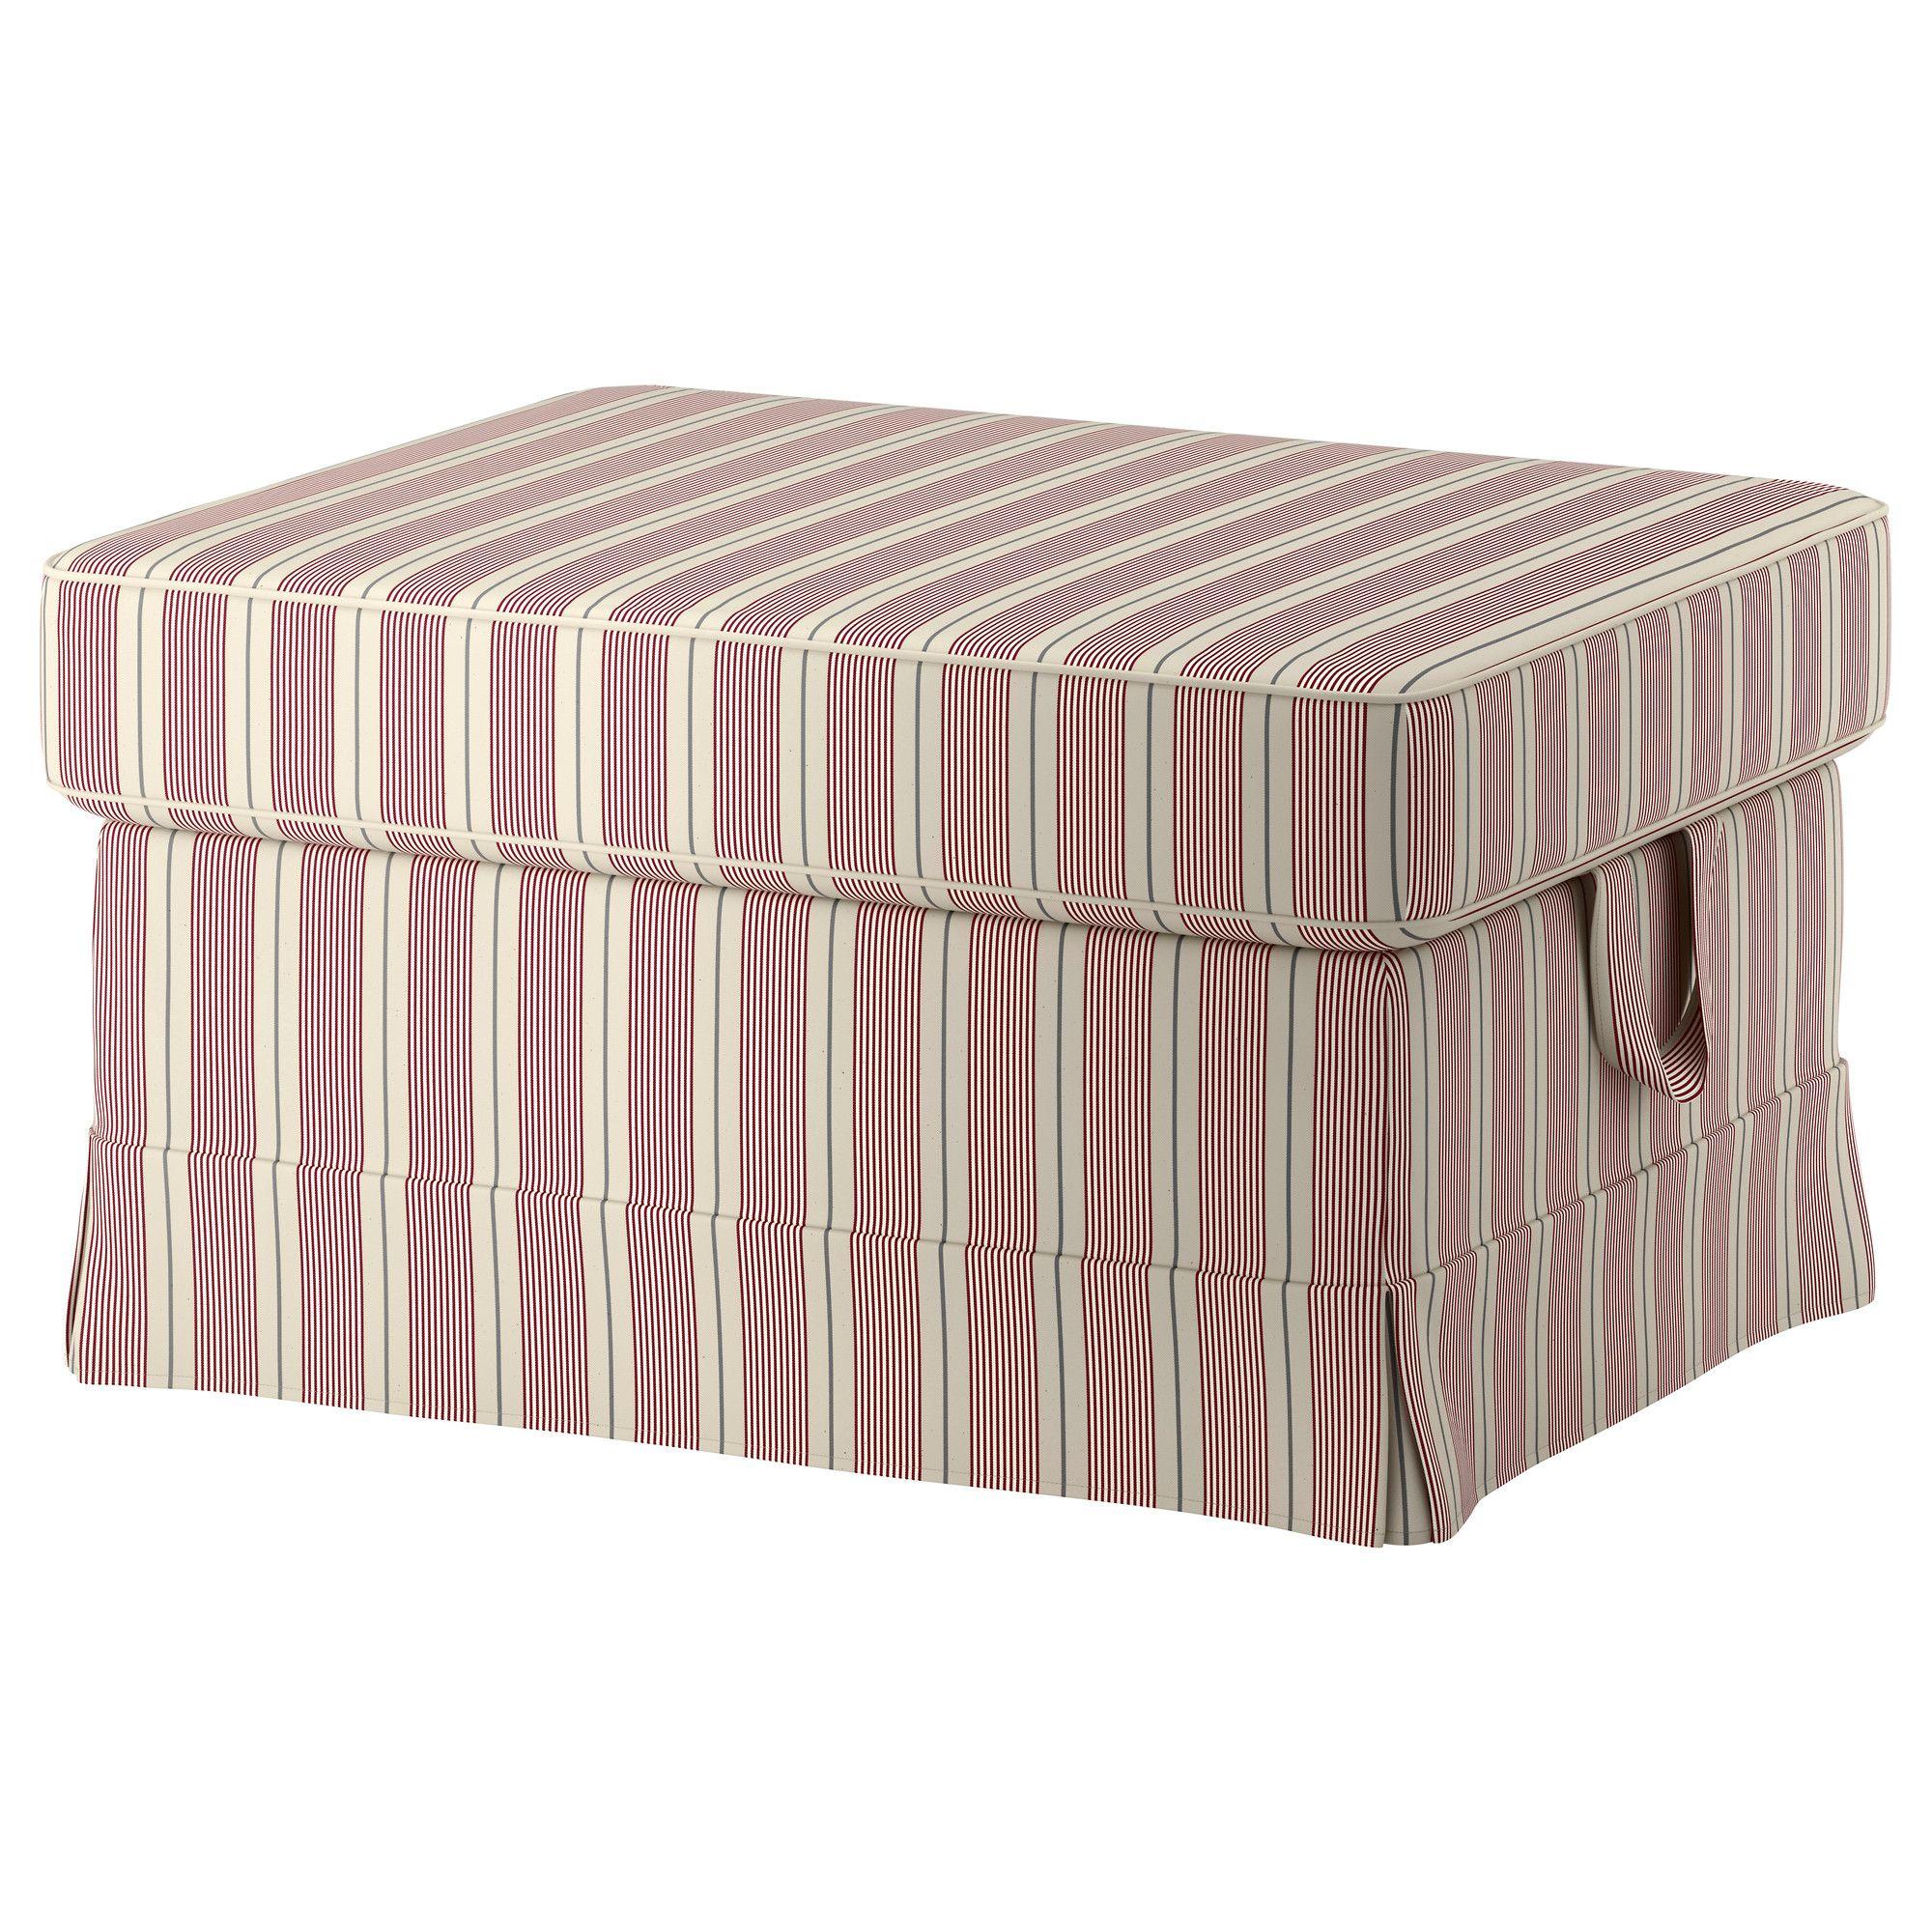 EKTORP Footstool - Mobacka beige/red - IKEA